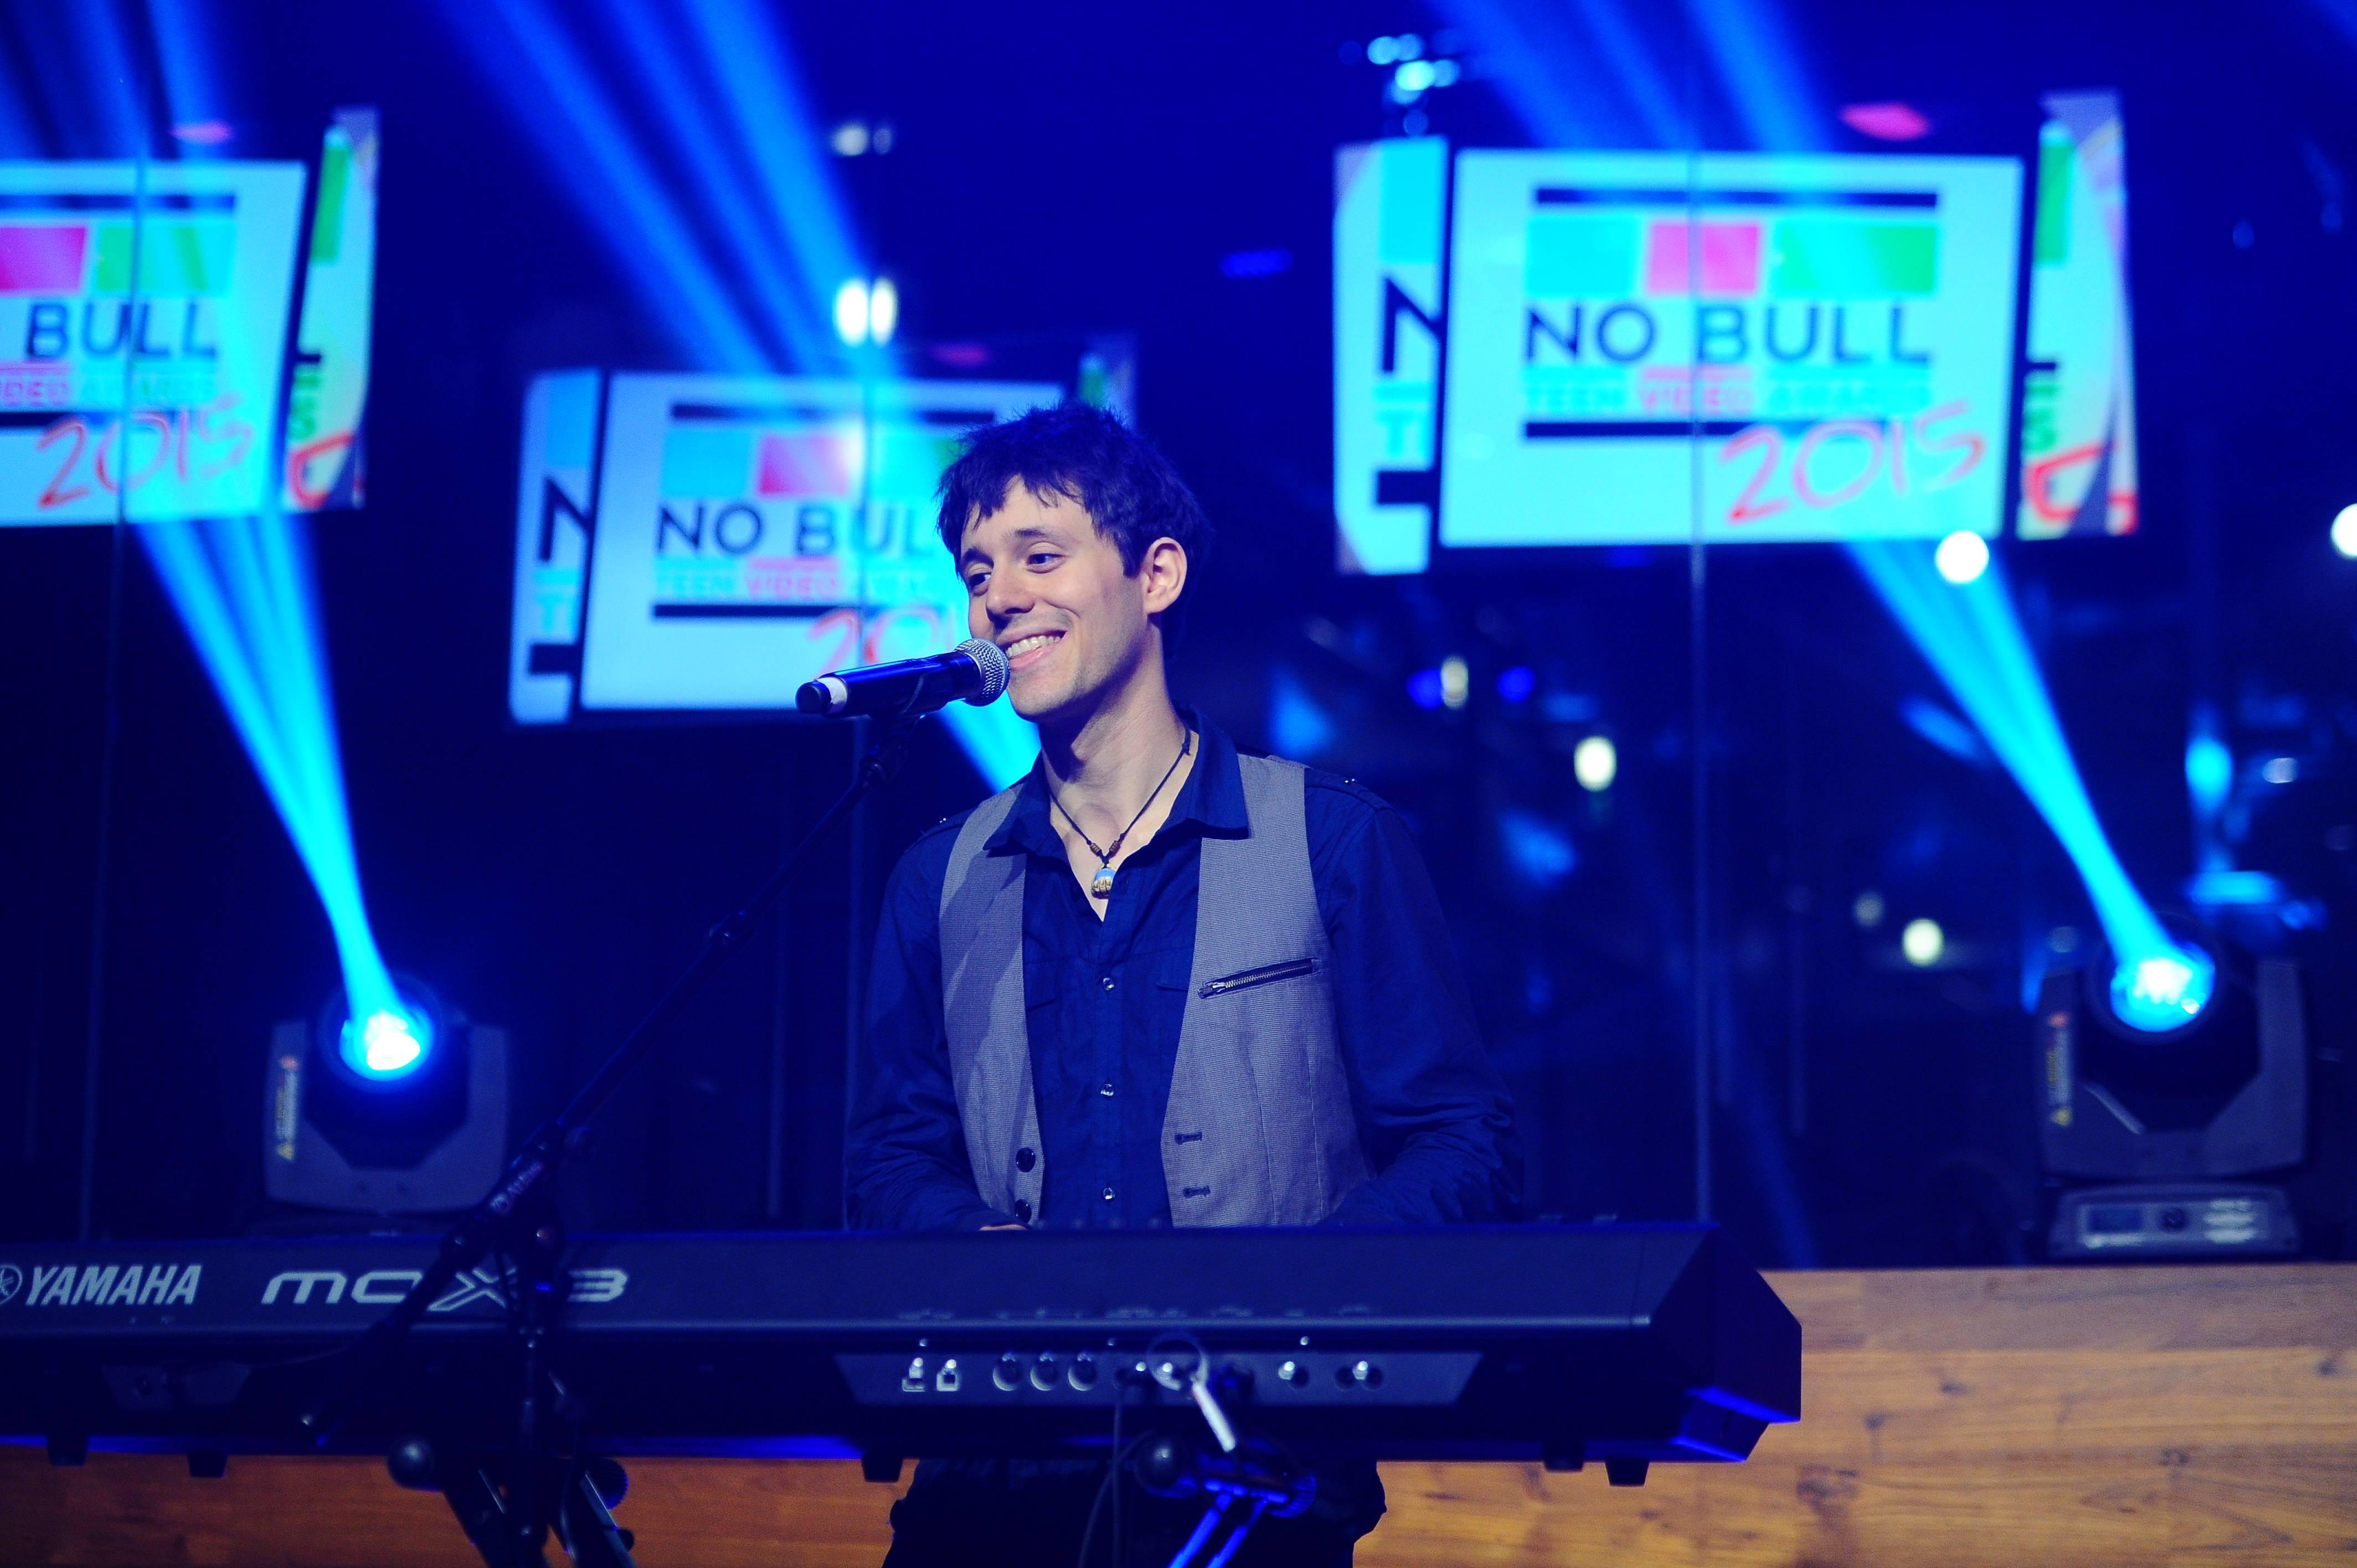 Kurt Hugo Schneider performs